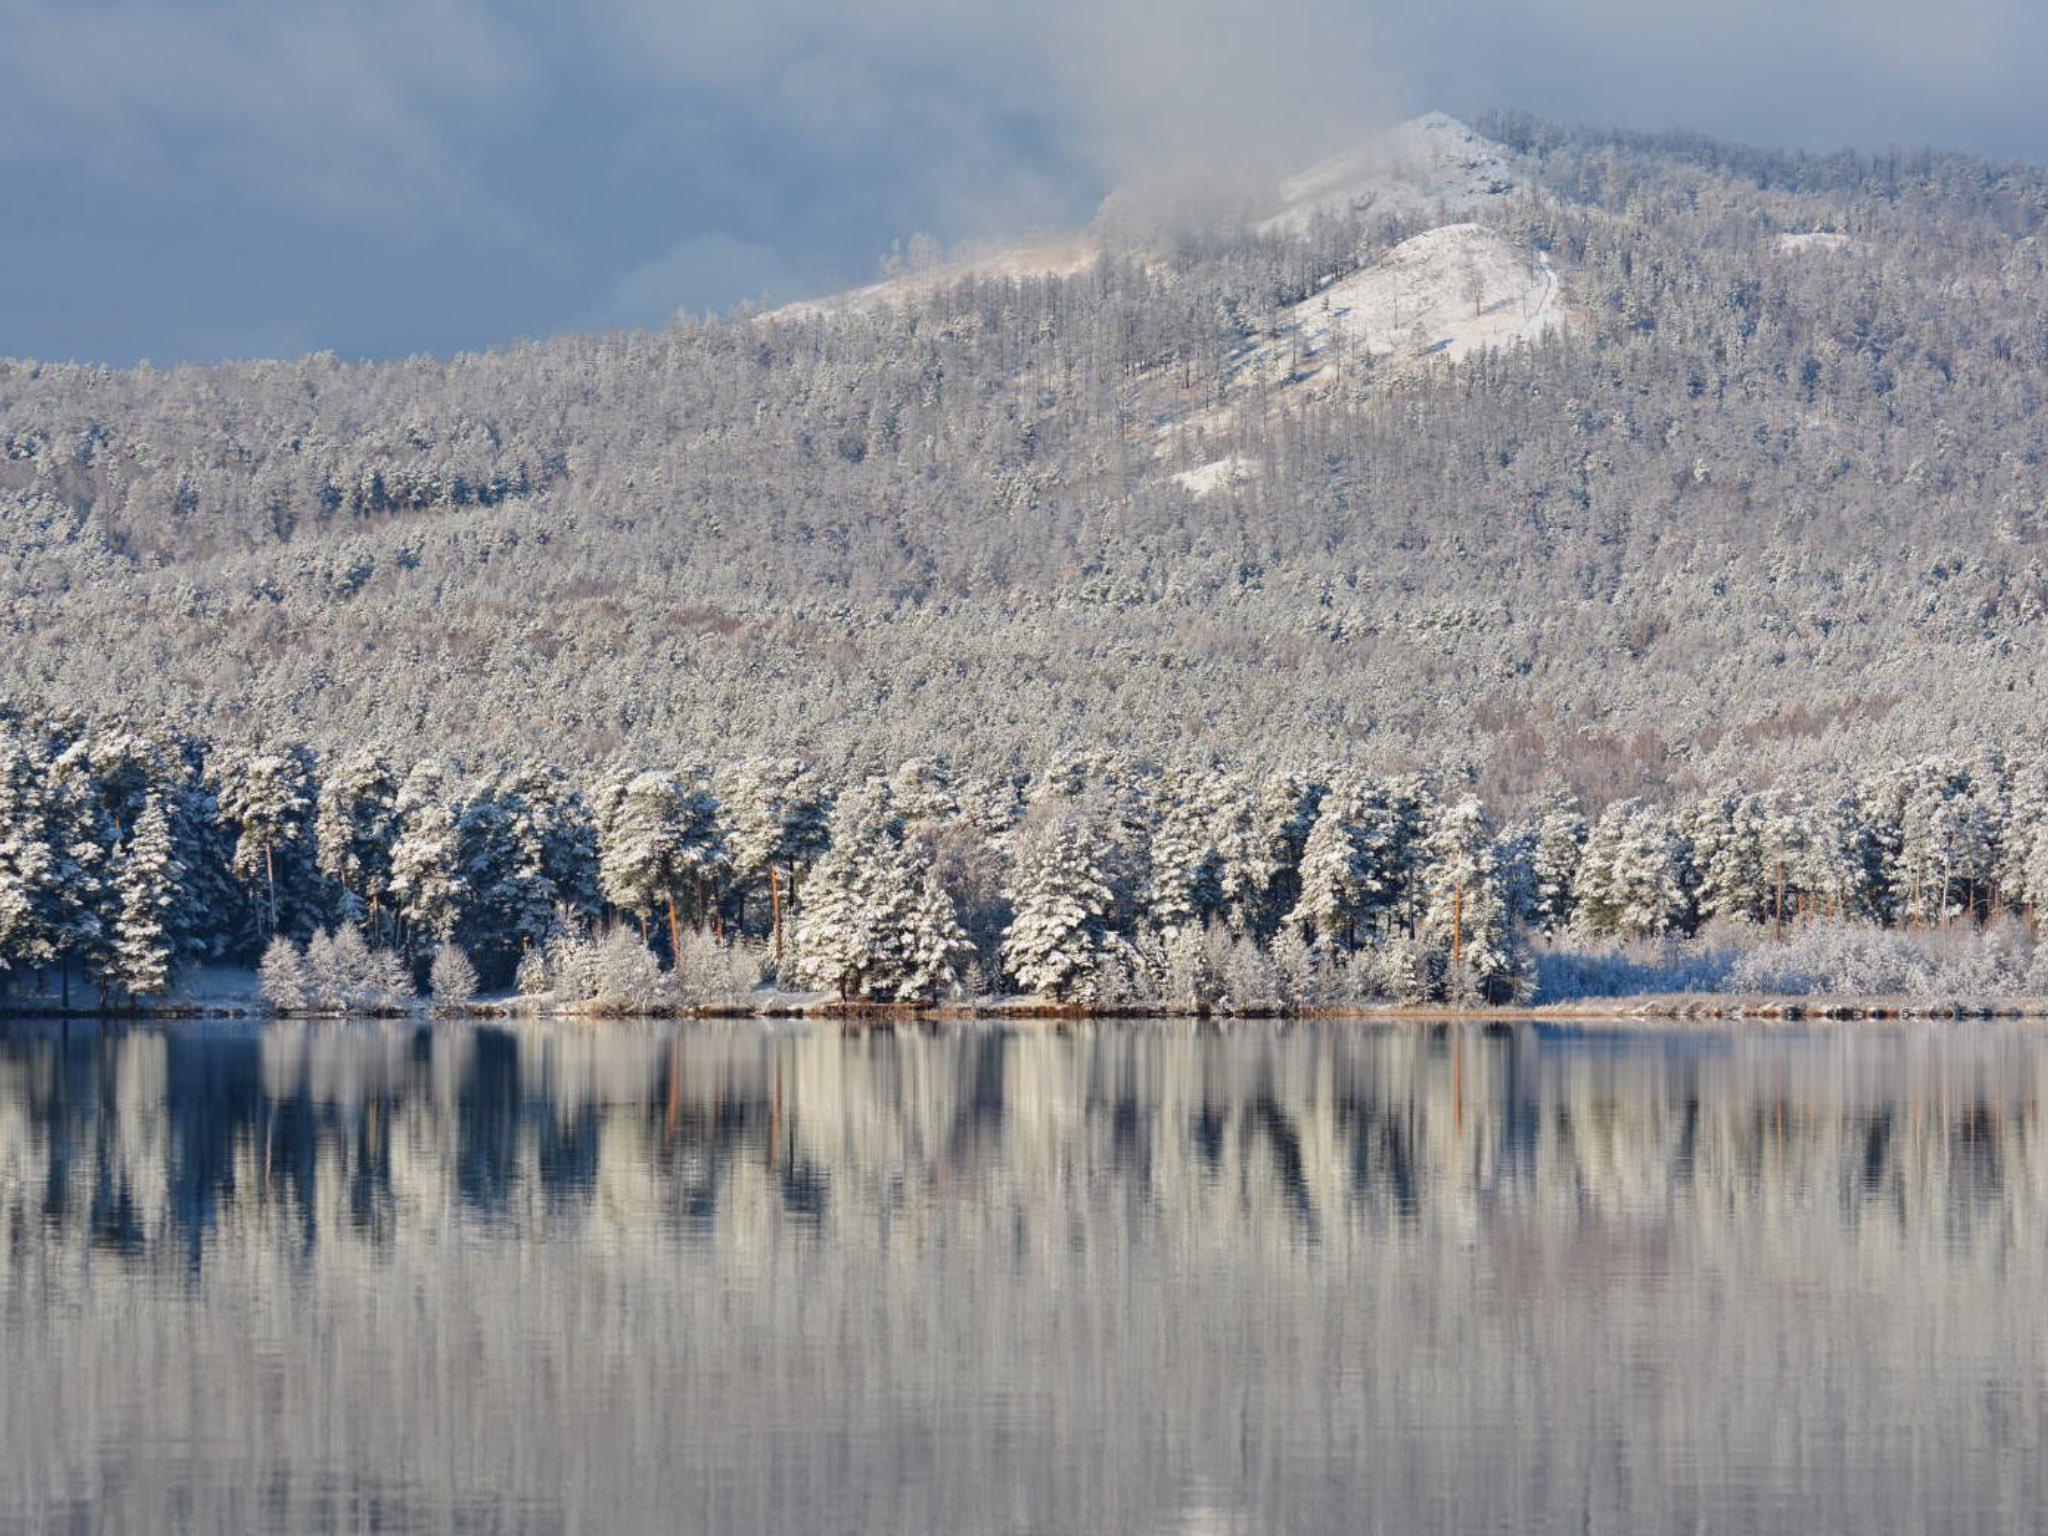 озеро кыштым челябинская область фото углы отсутствуют